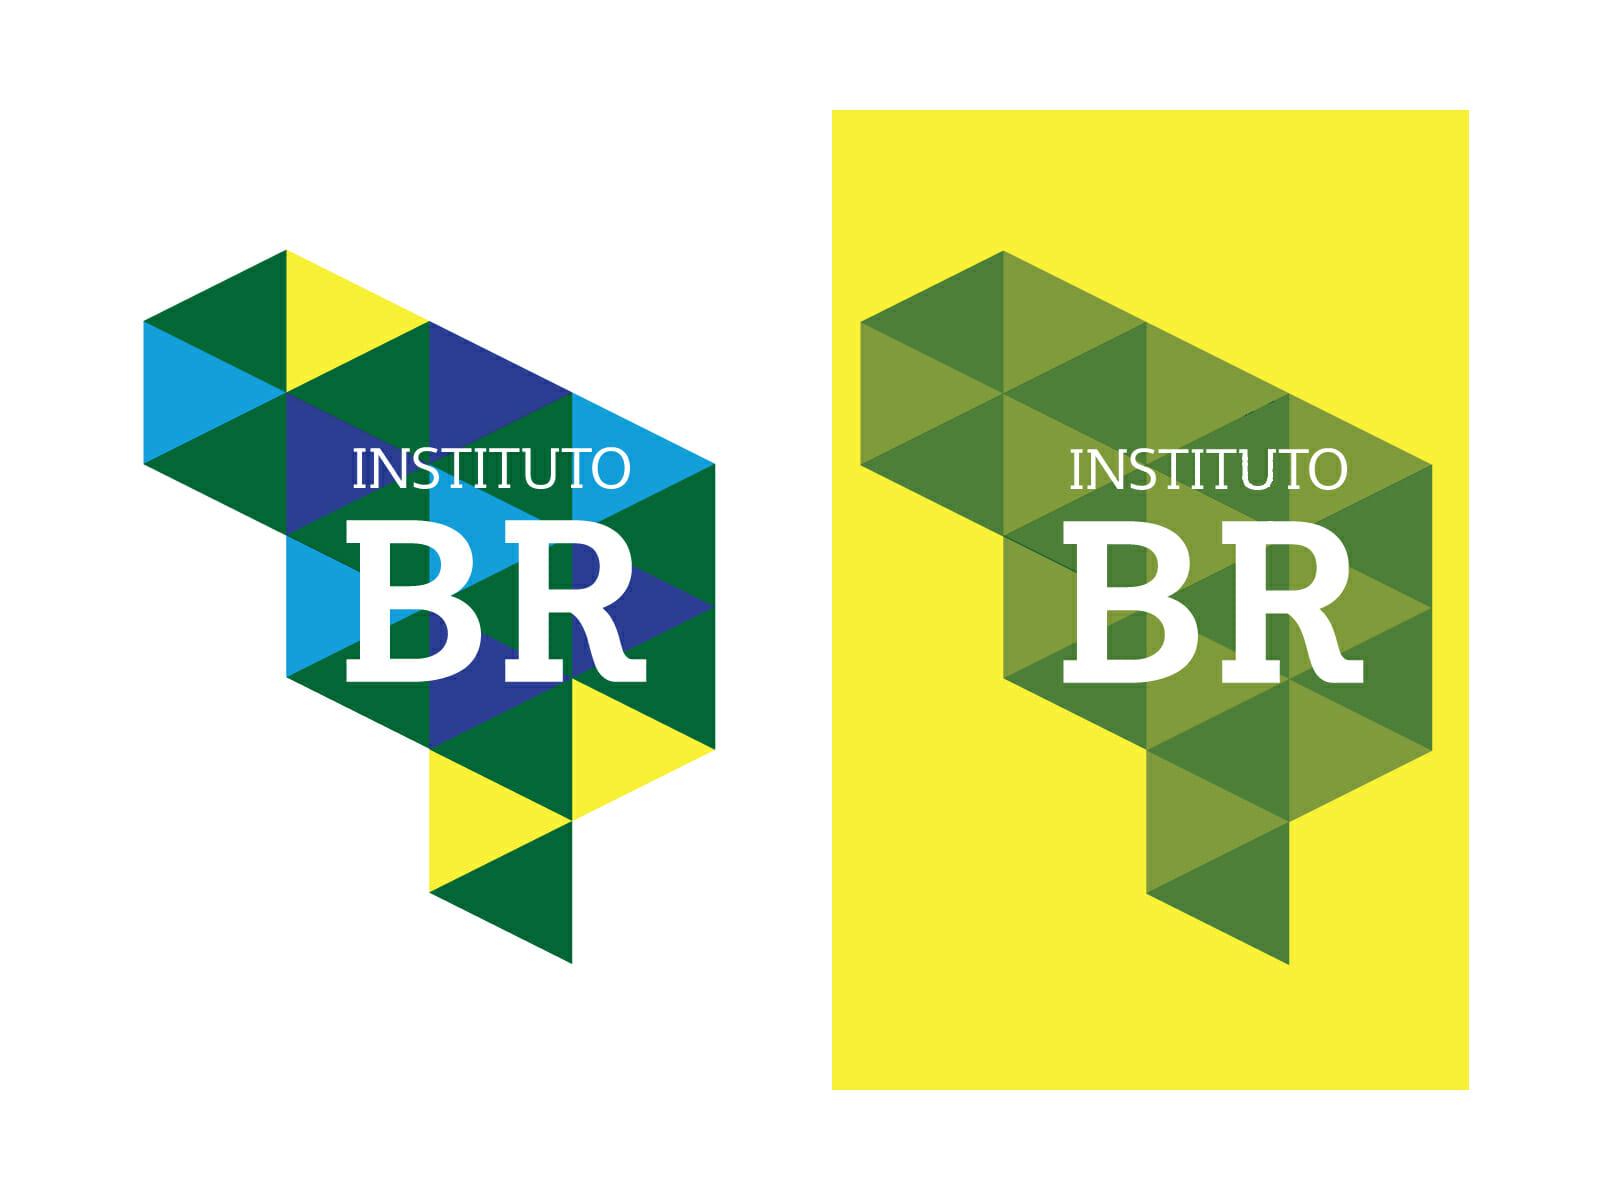 Instituto BR logo